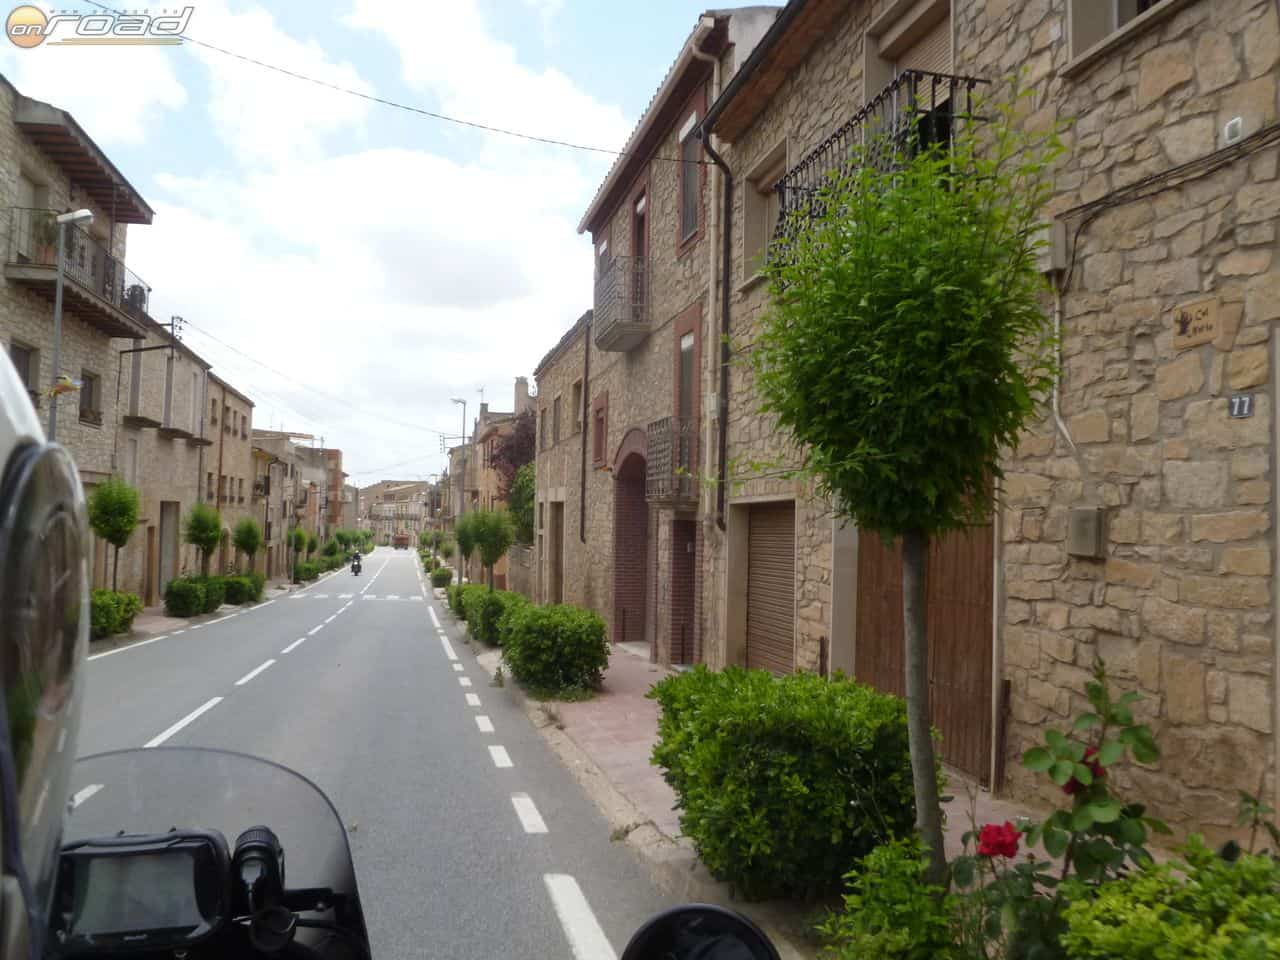 Szebbnél szebb katalán falvakon át vezetett az utunk